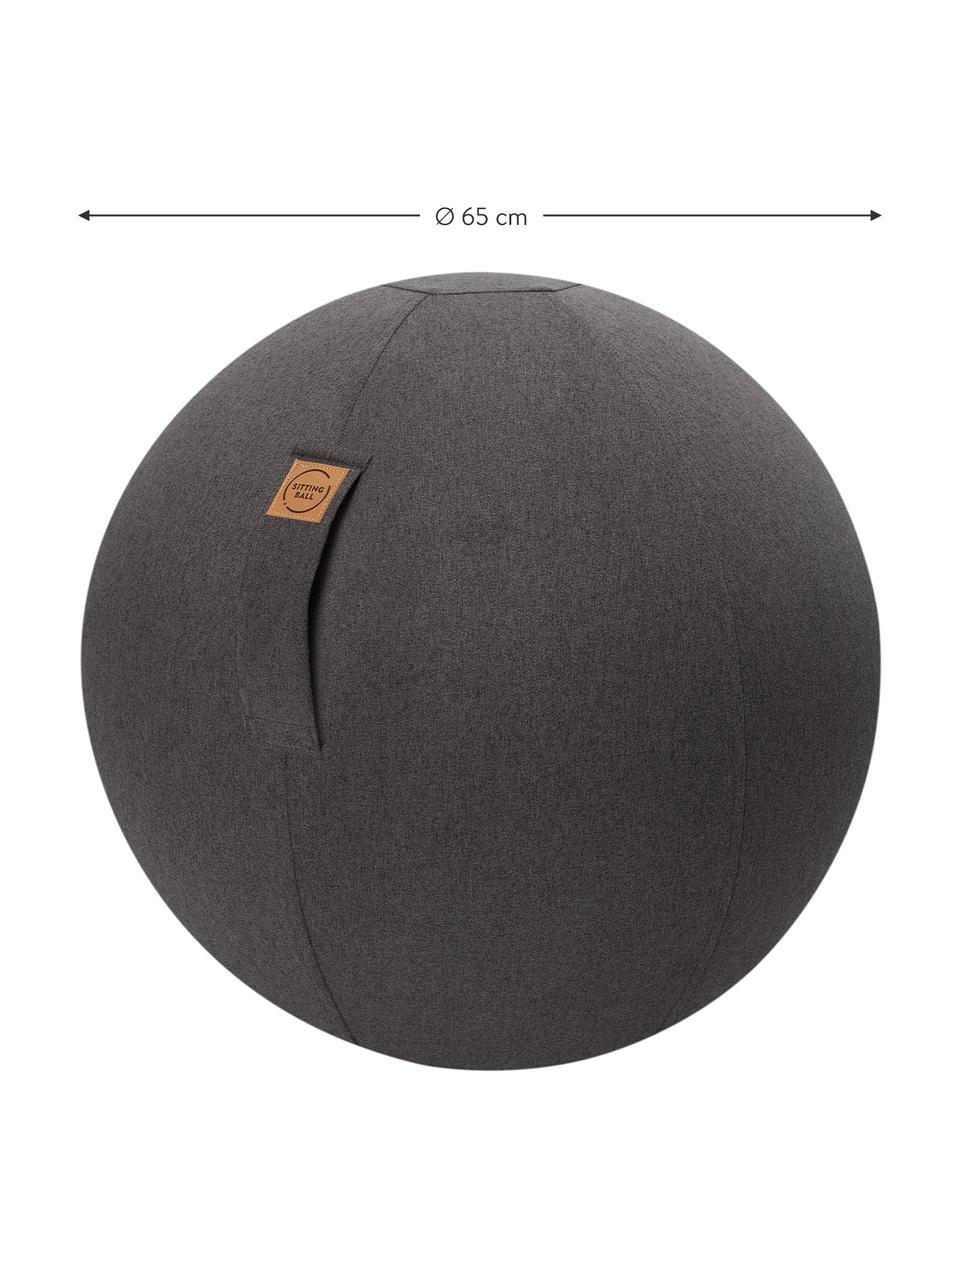 Sitzball Felt mit Tragegriff, Bezug: Polyester (Filzimitat), Anthrazit, Ø 65 cm